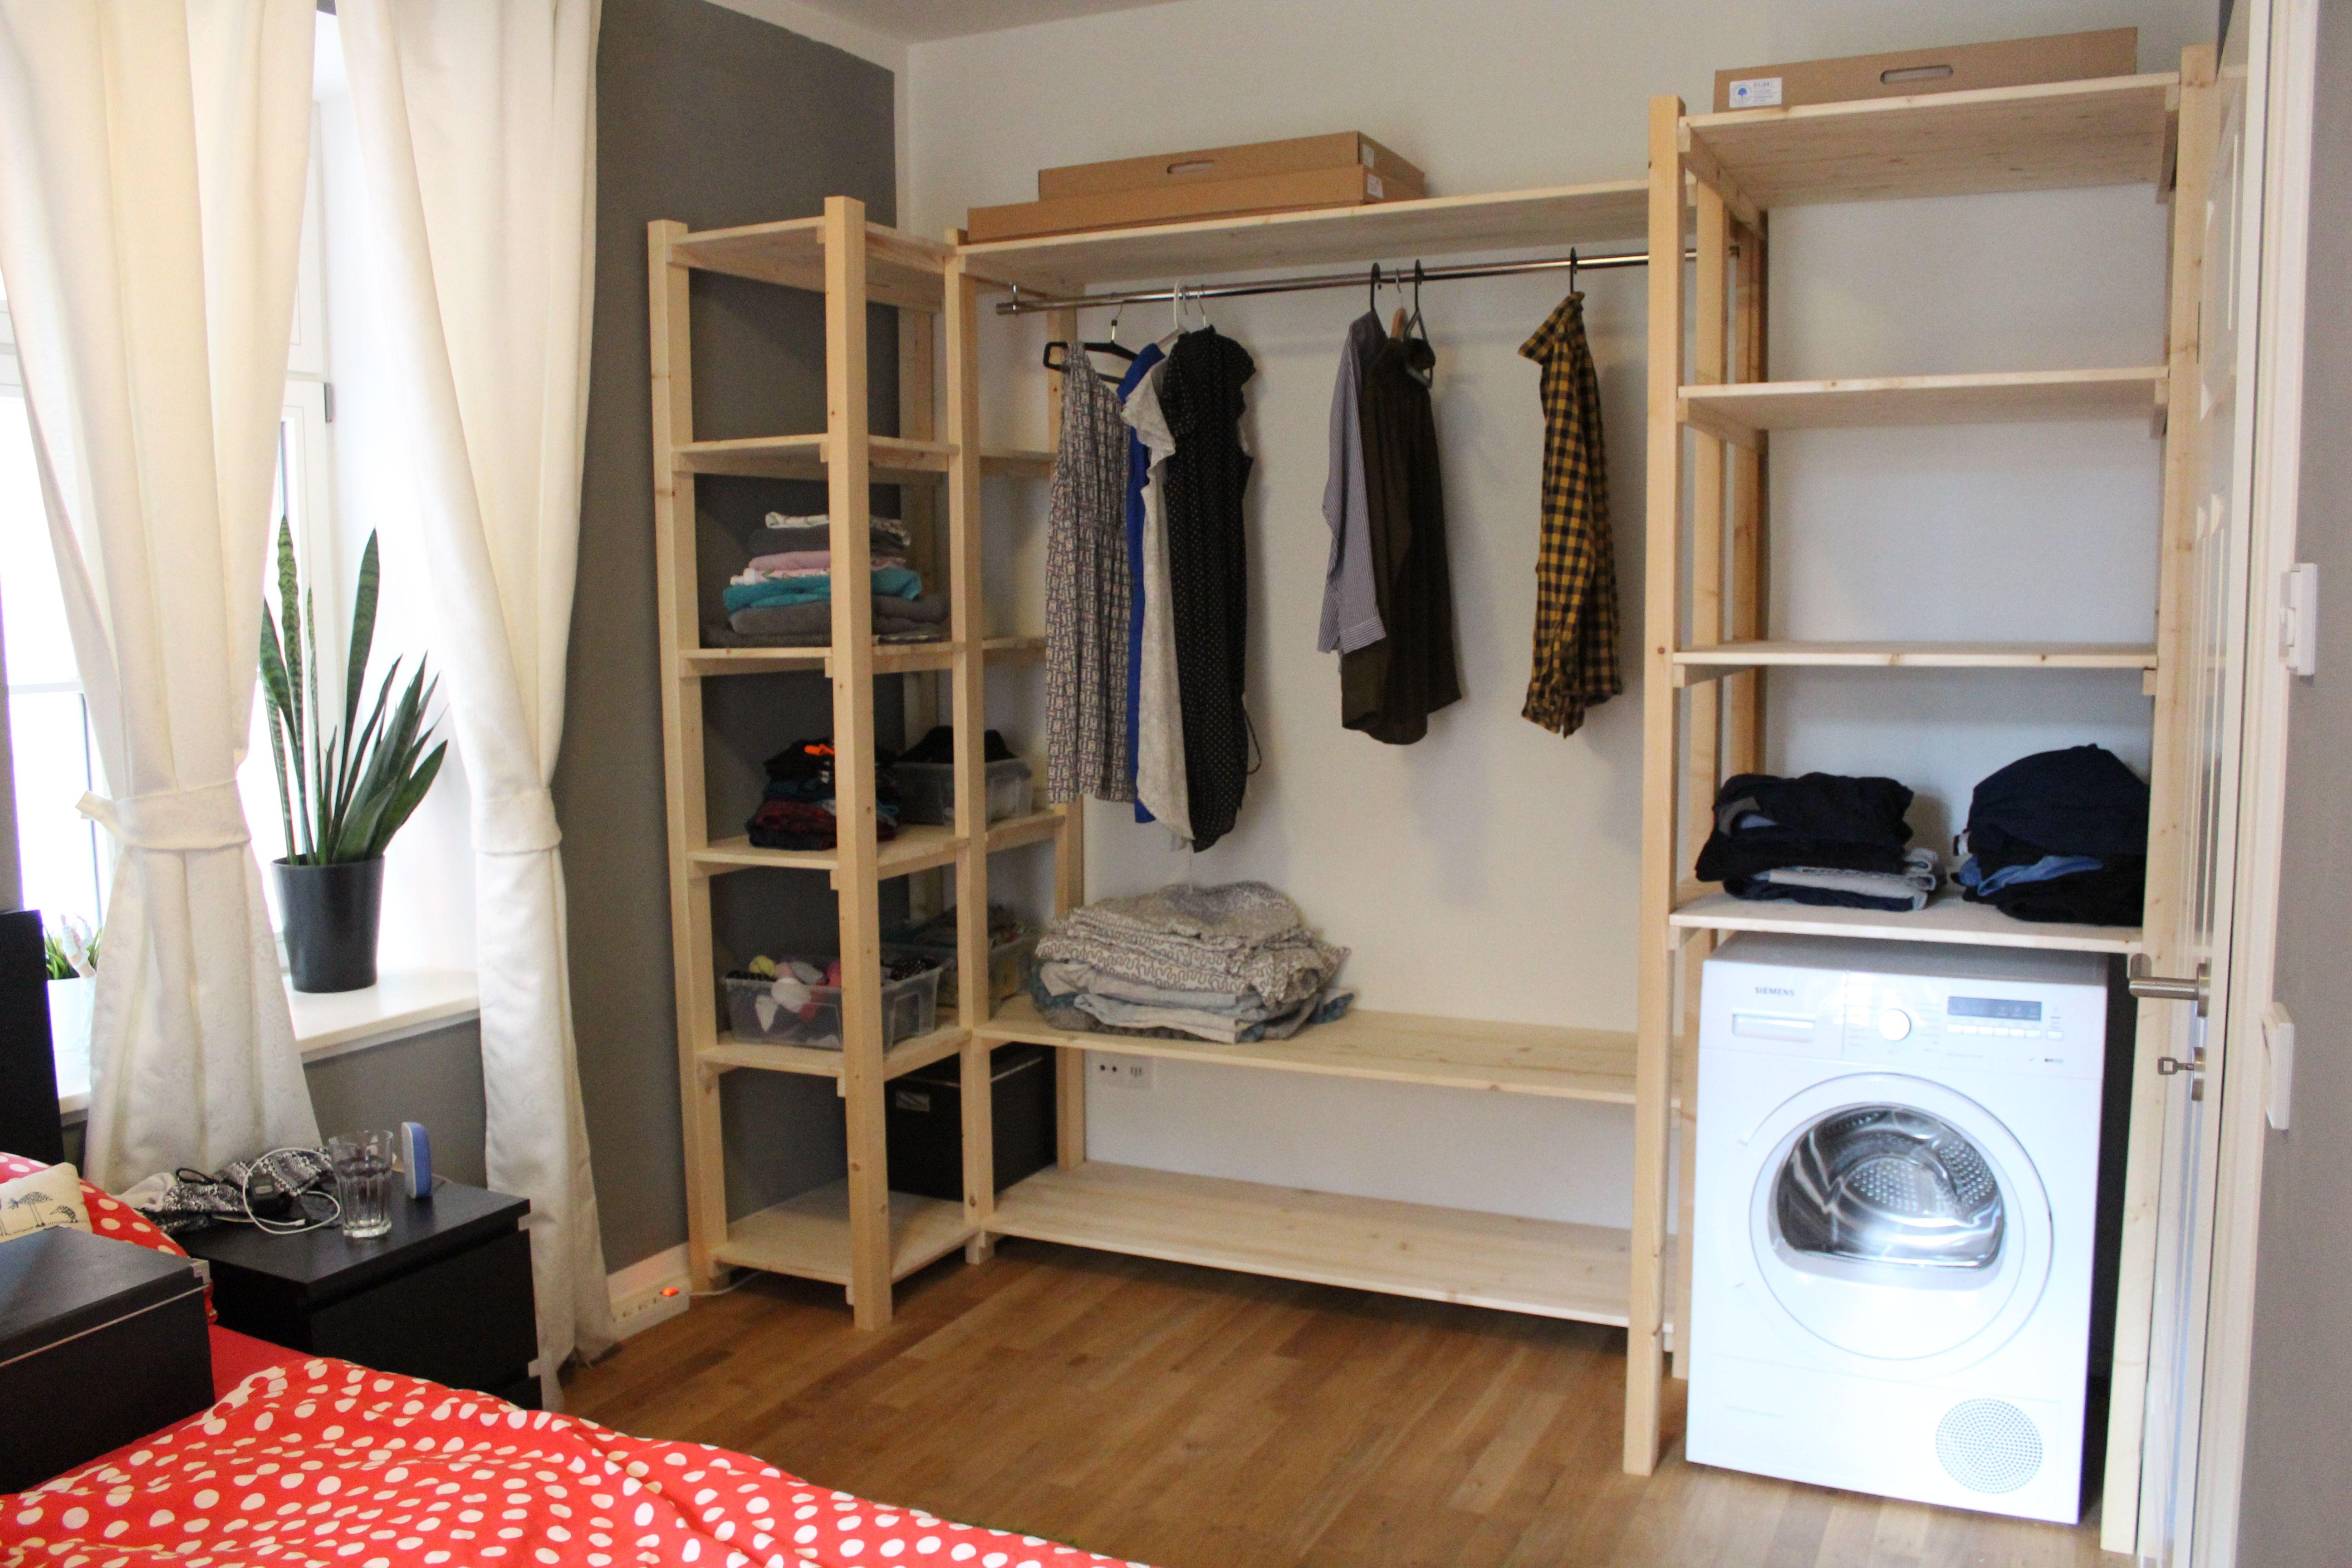 Offener Kleiderschrank - ganz einfach und günstig! Wir haben uns ...